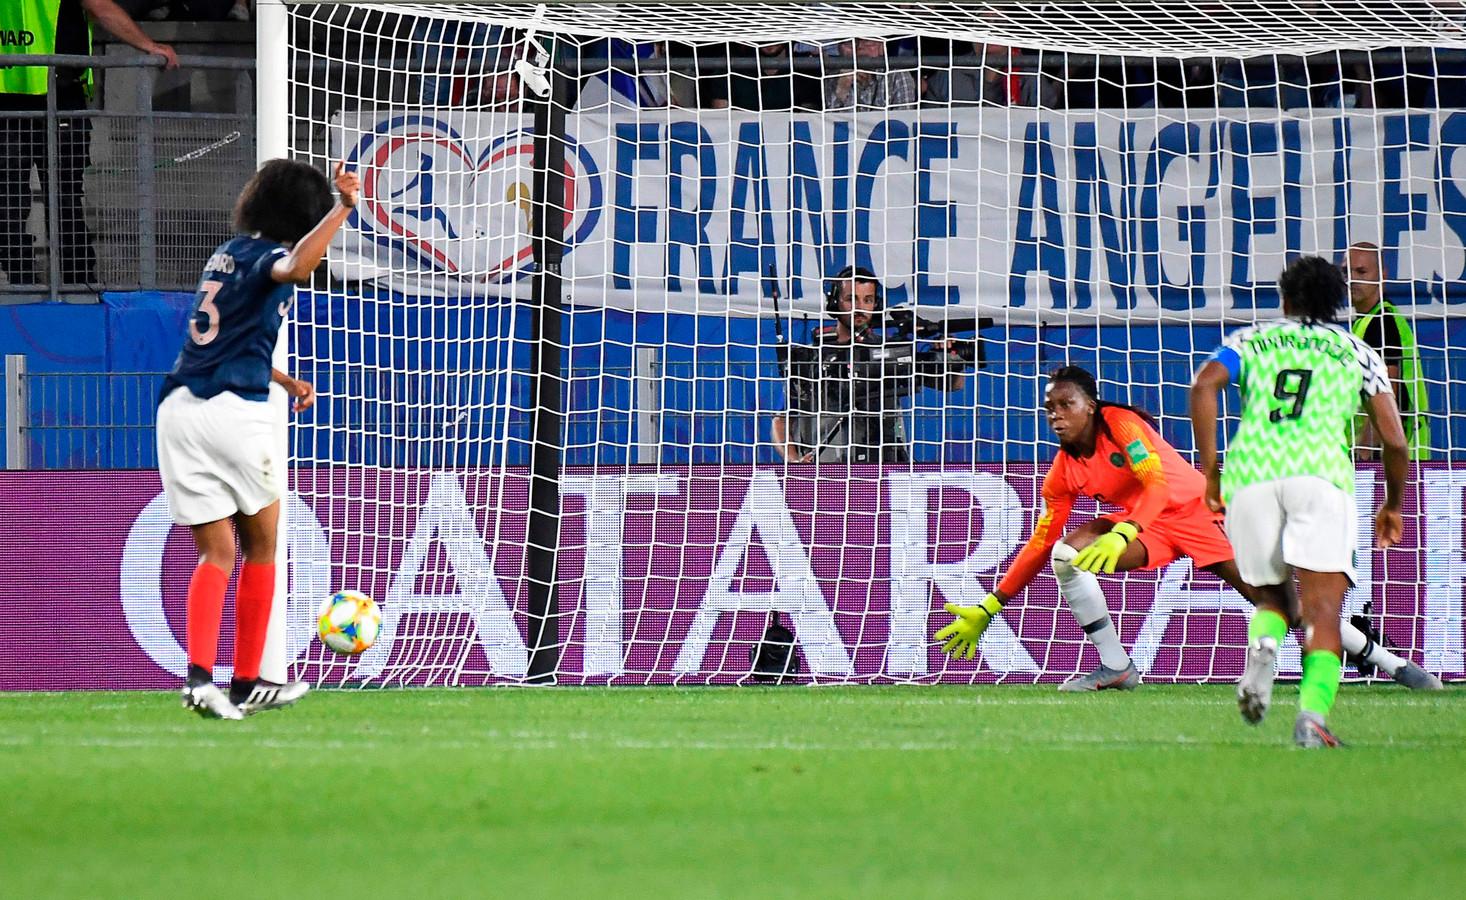 Wendie Renard (l) mist een penaly tegen Nigeria, maar mag op advies van Makkelie opnieuw aanleggen omdat de Nigeriaanse keeper te vroeg beweegt.